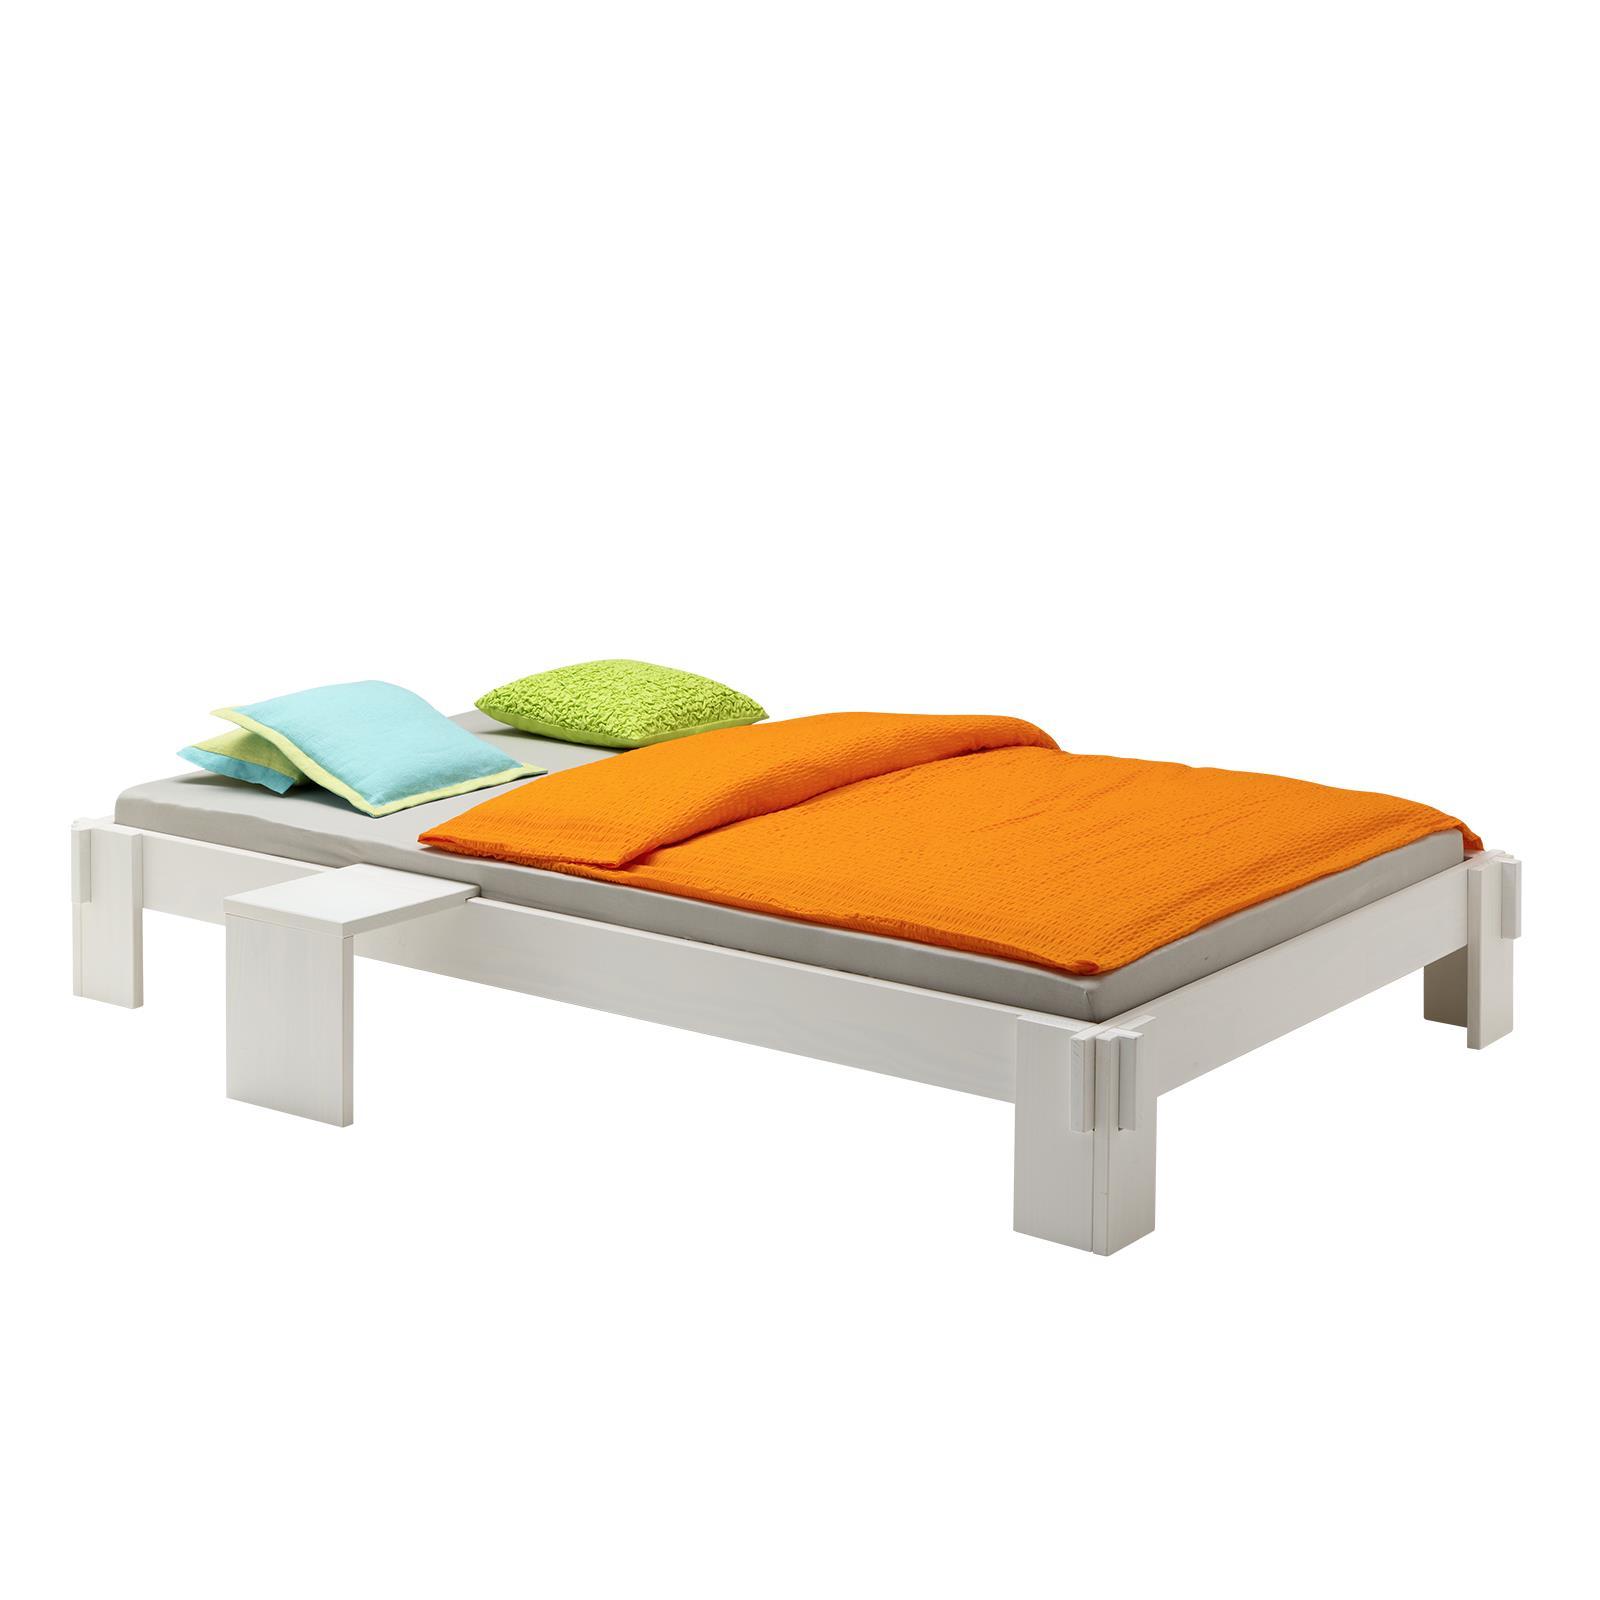 futonbett bettgestell jugendbett holzbett kiefer massiv versch farben ebay. Black Bedroom Furniture Sets. Home Design Ideas